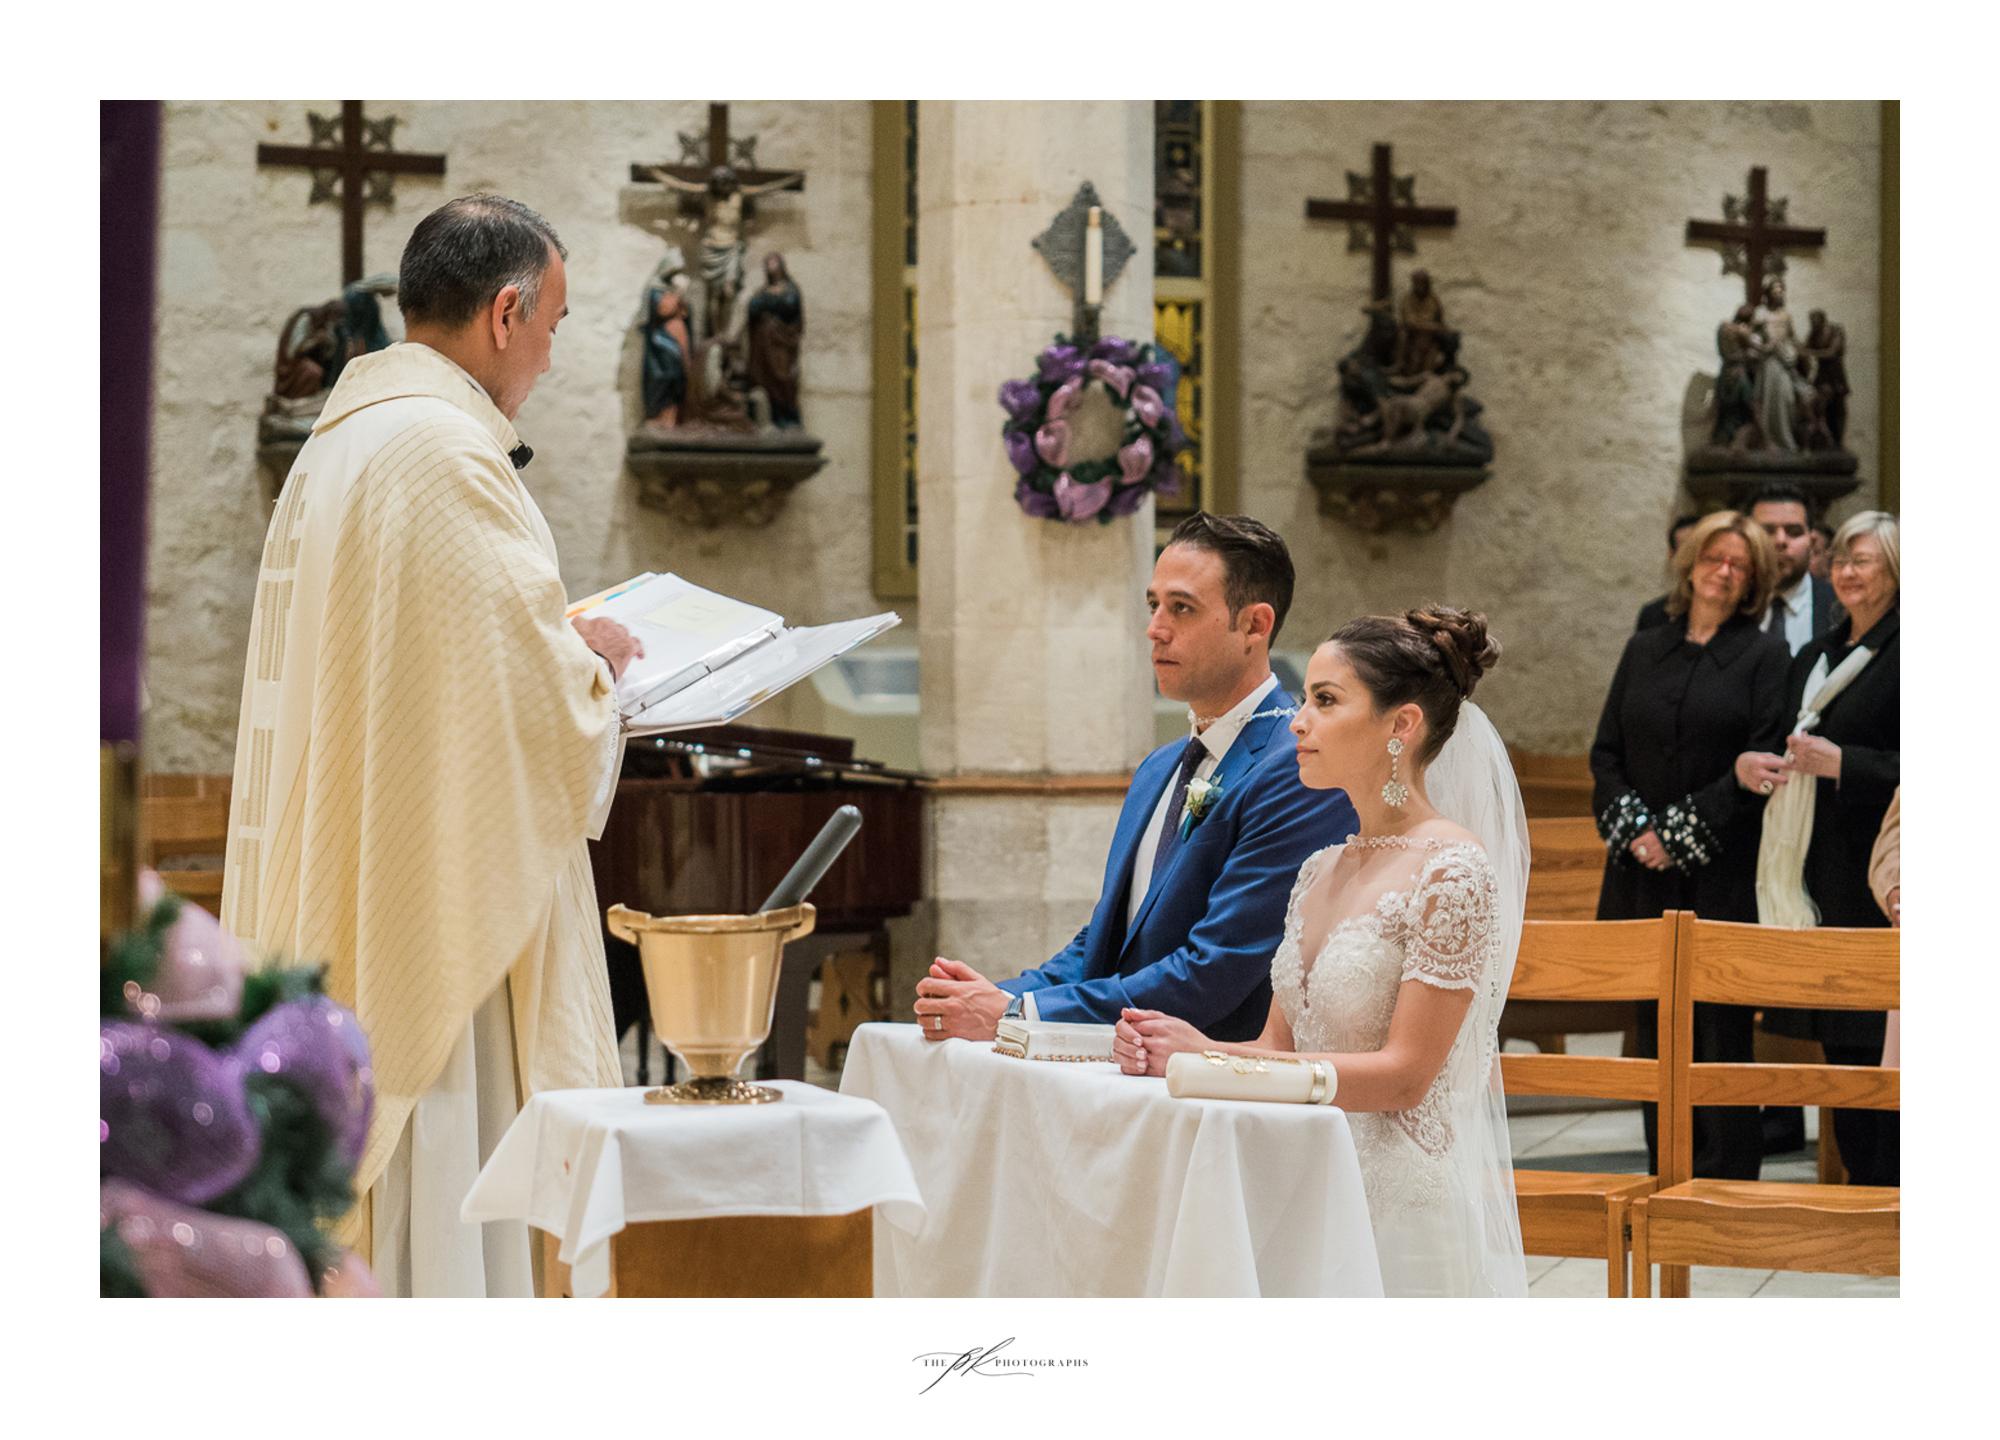 Wedding ceremony at San Fernando Cathedral in San Antonio, Texas.